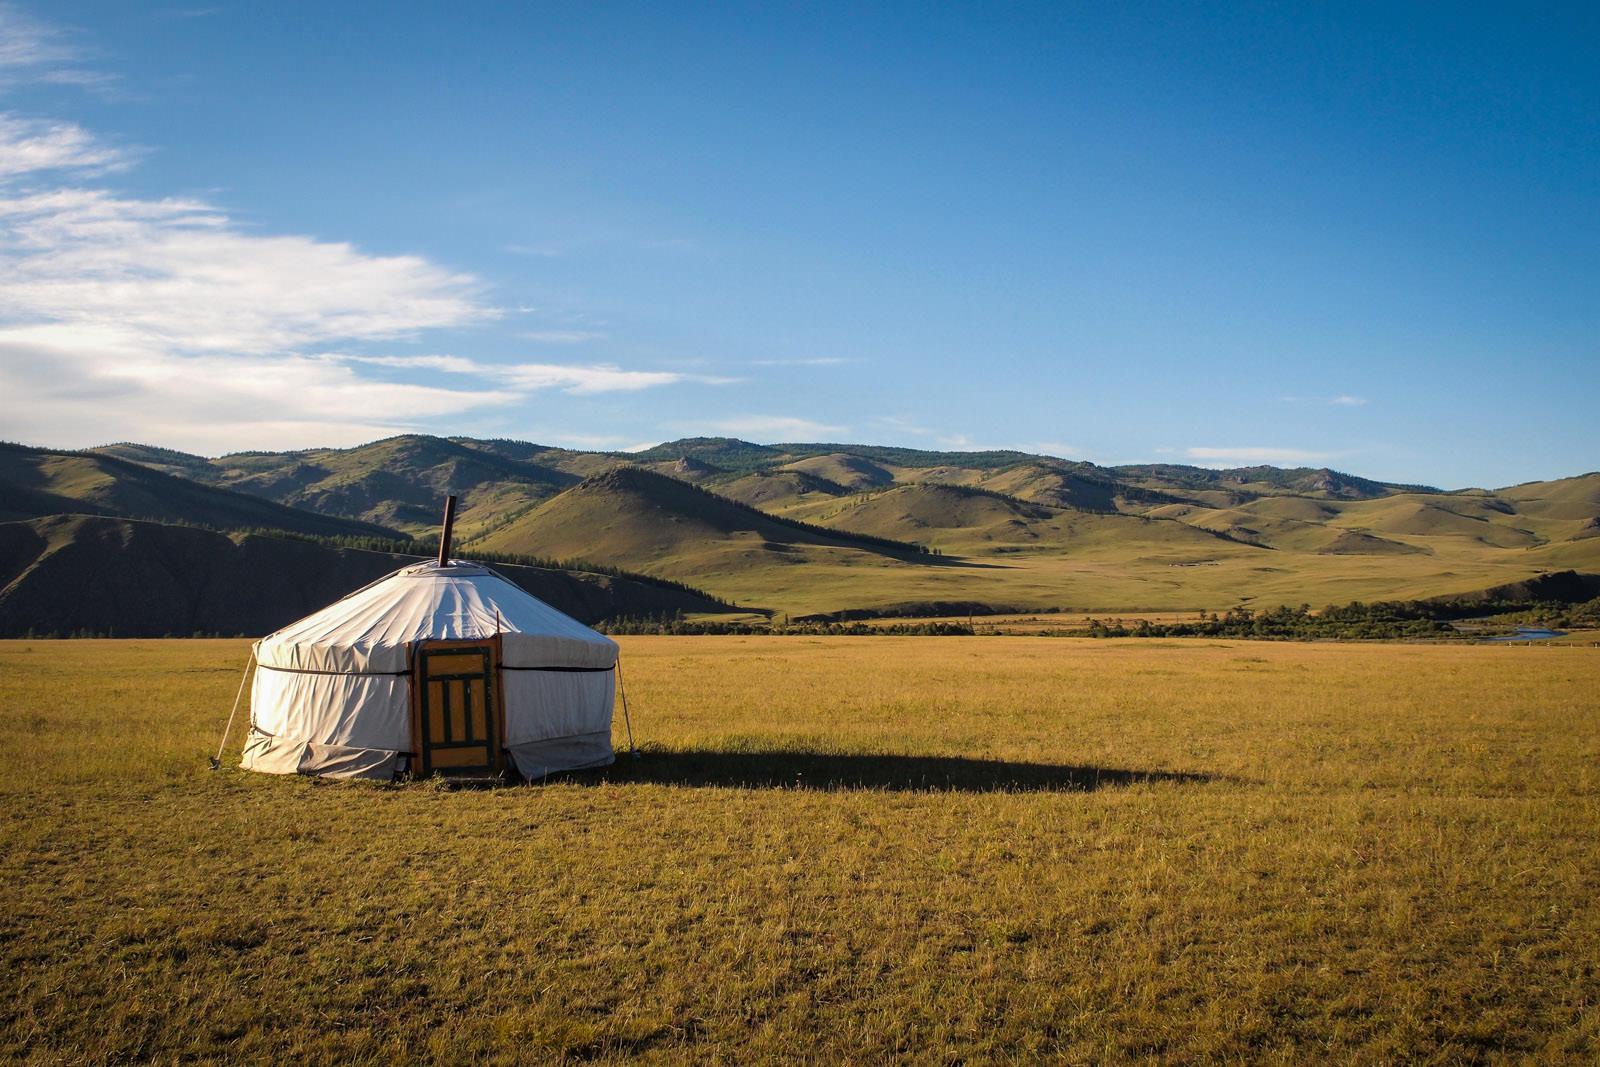 10-melhores-paises-para-viajar-esse-ano-2017-mongolia-nomades Os 10 melhores países para viajar esse ano! (2017)